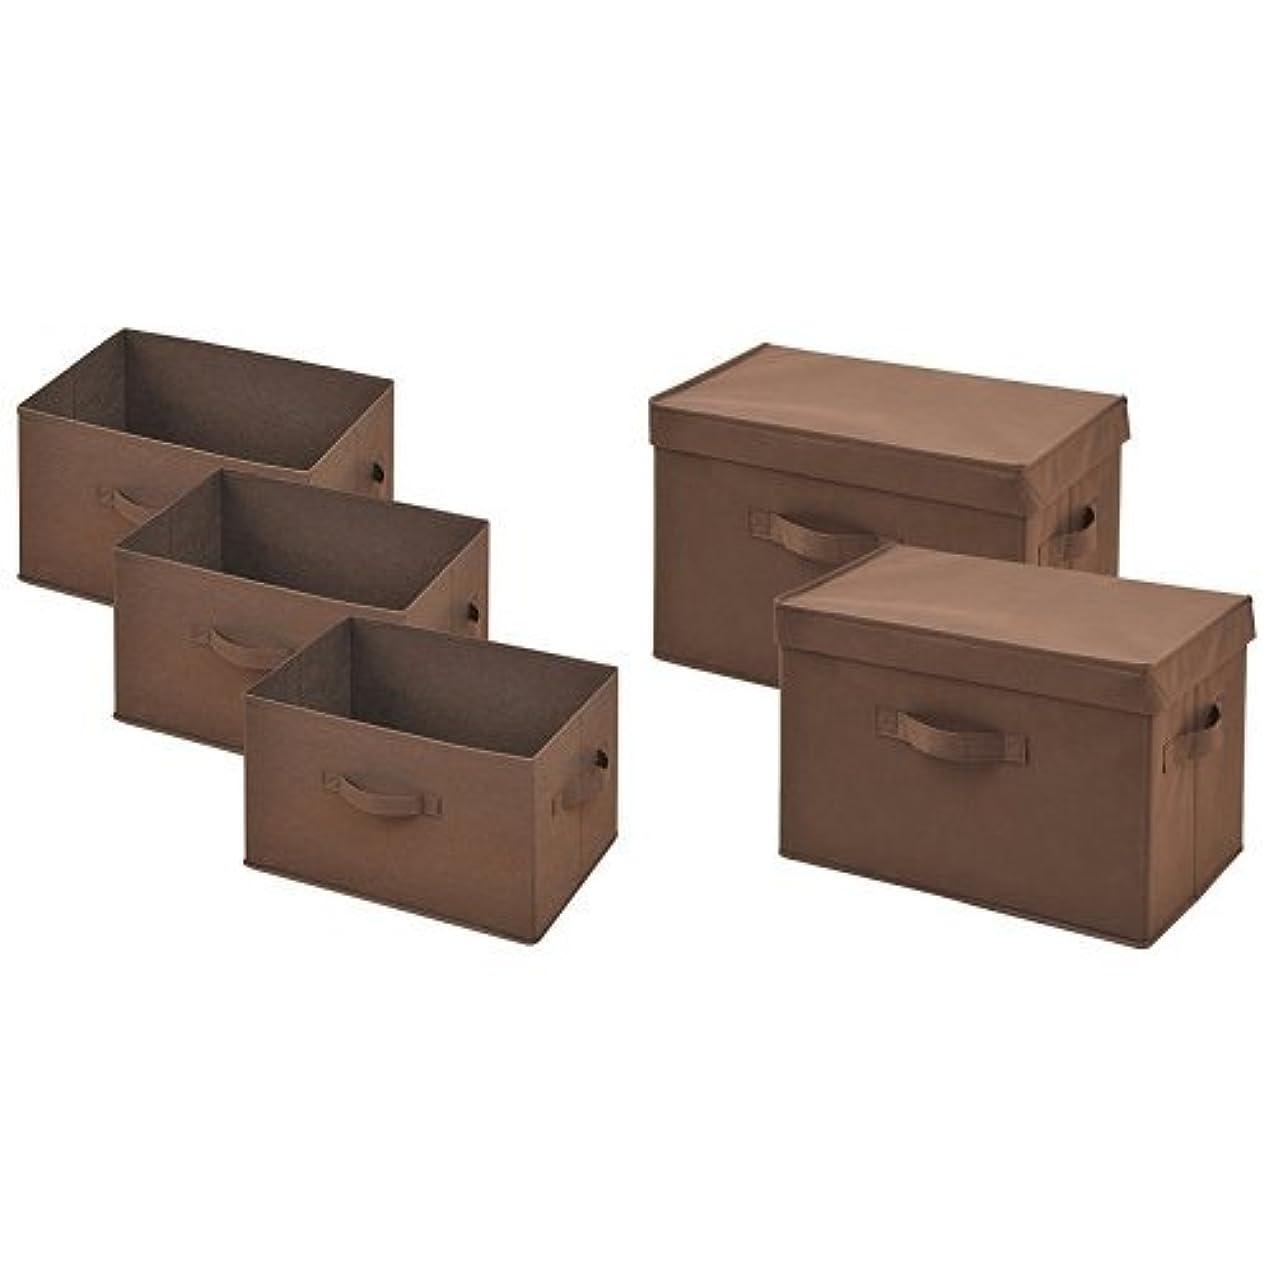 数字表面マントル【セット買い】山善(YAMAZEN)どこでも収納ボックス 3個セット + ふた付2個セット ブラウン